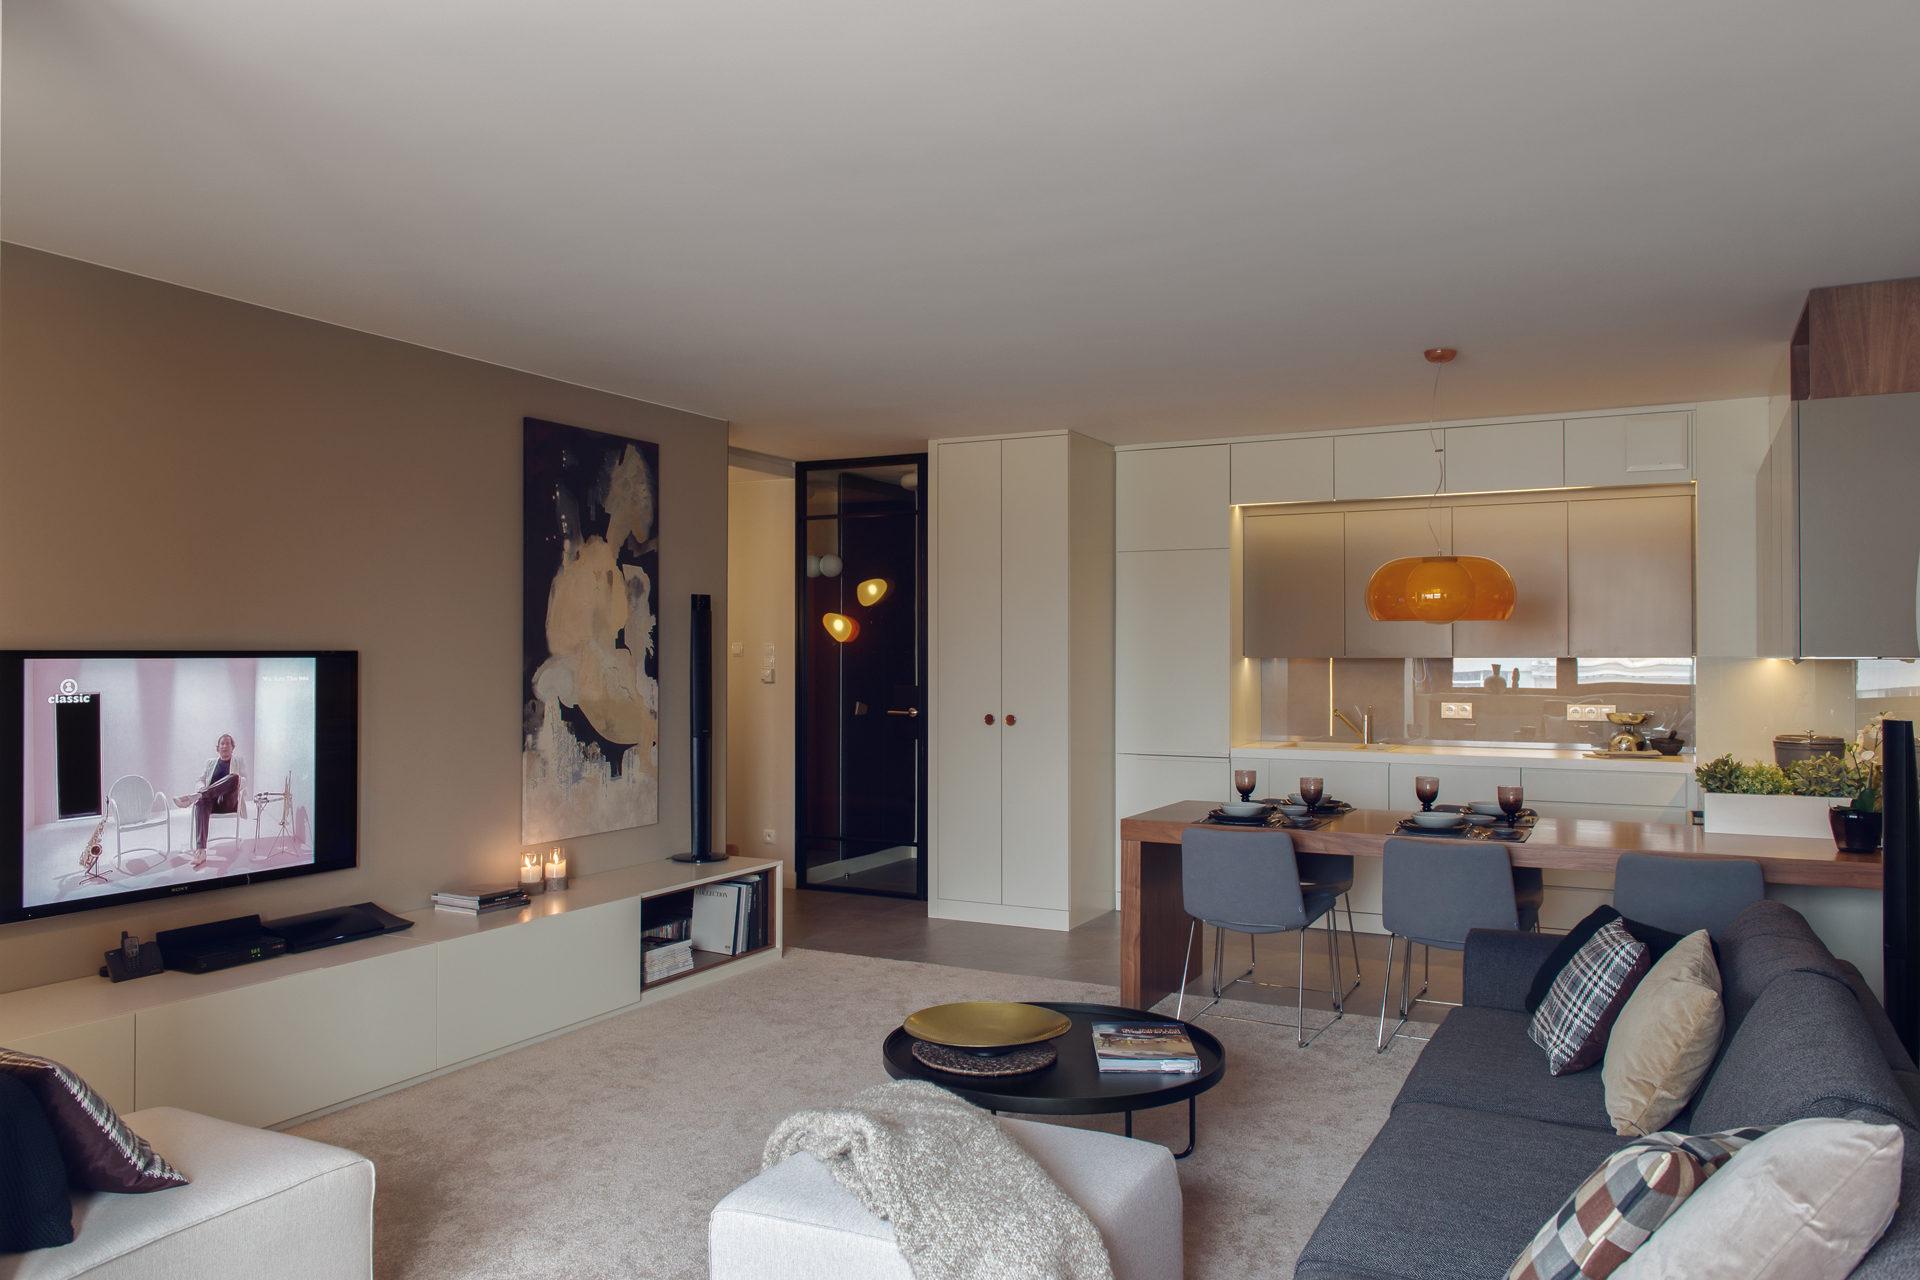 Mieszkanie w Gdyni 2013 - 01 stolik sofa pomarańczowa lampa stalowe drzwi